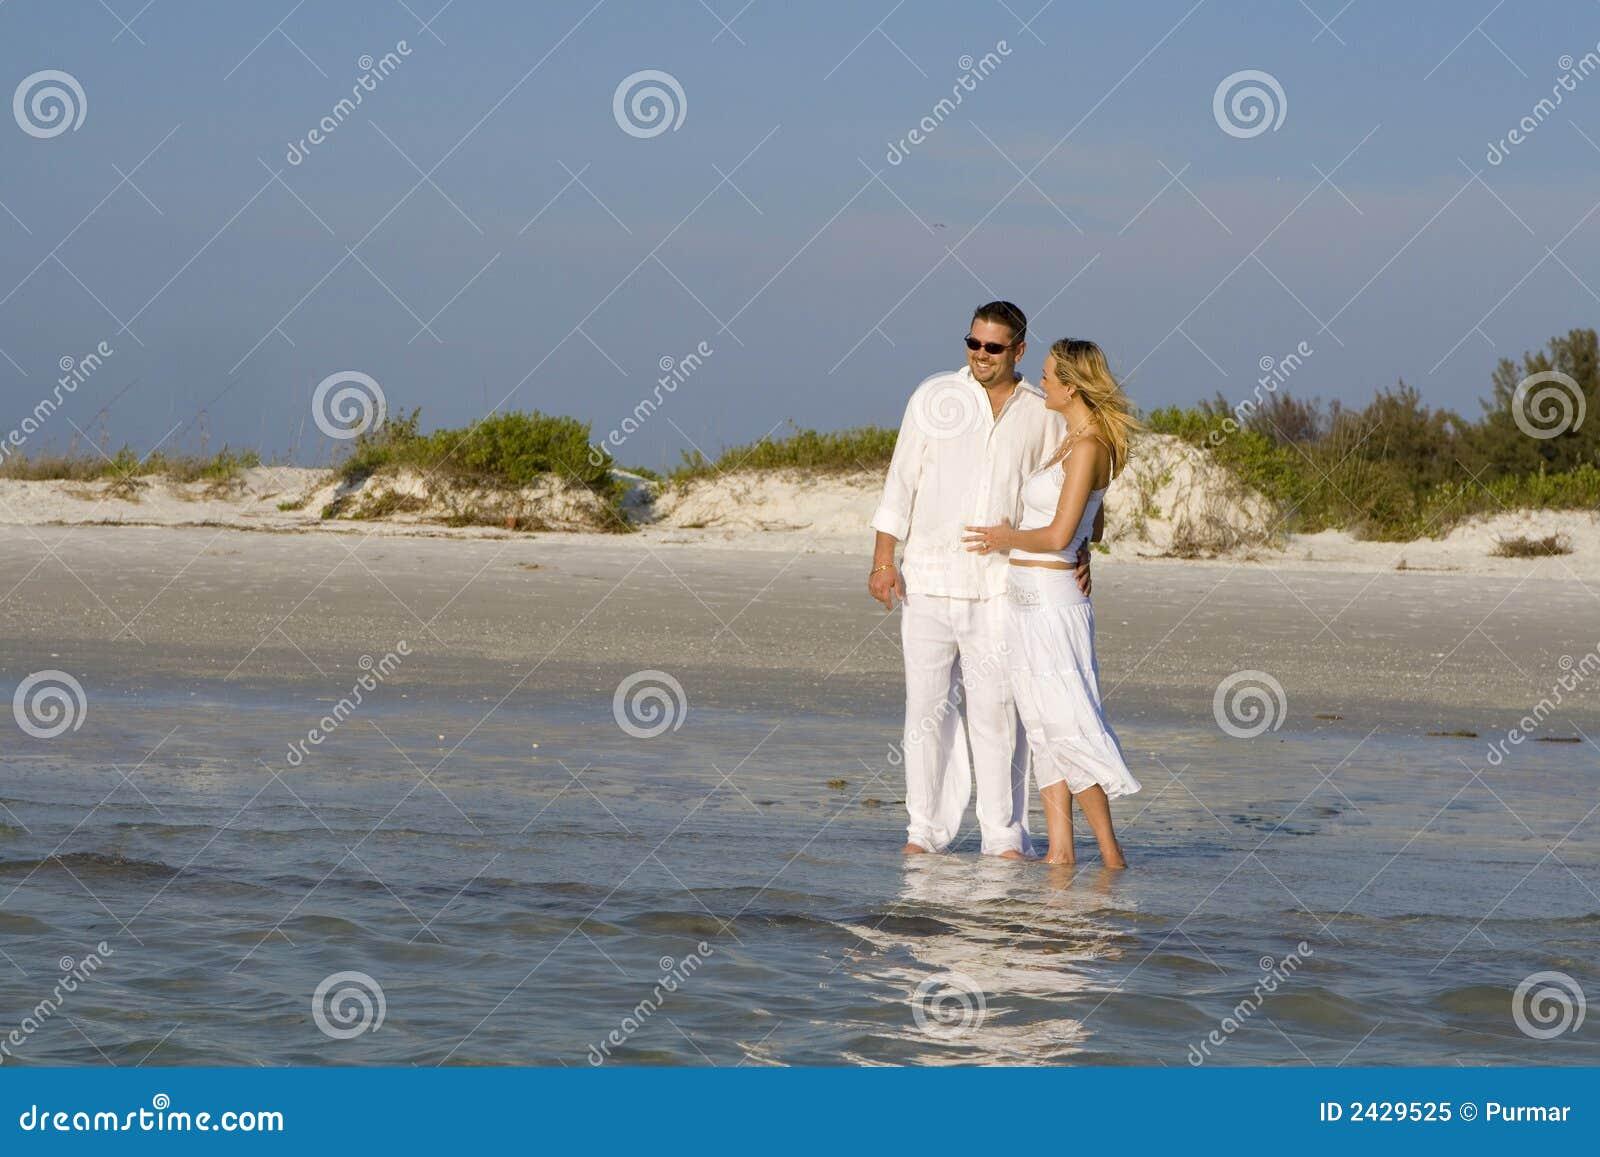 Романтичная прогулка